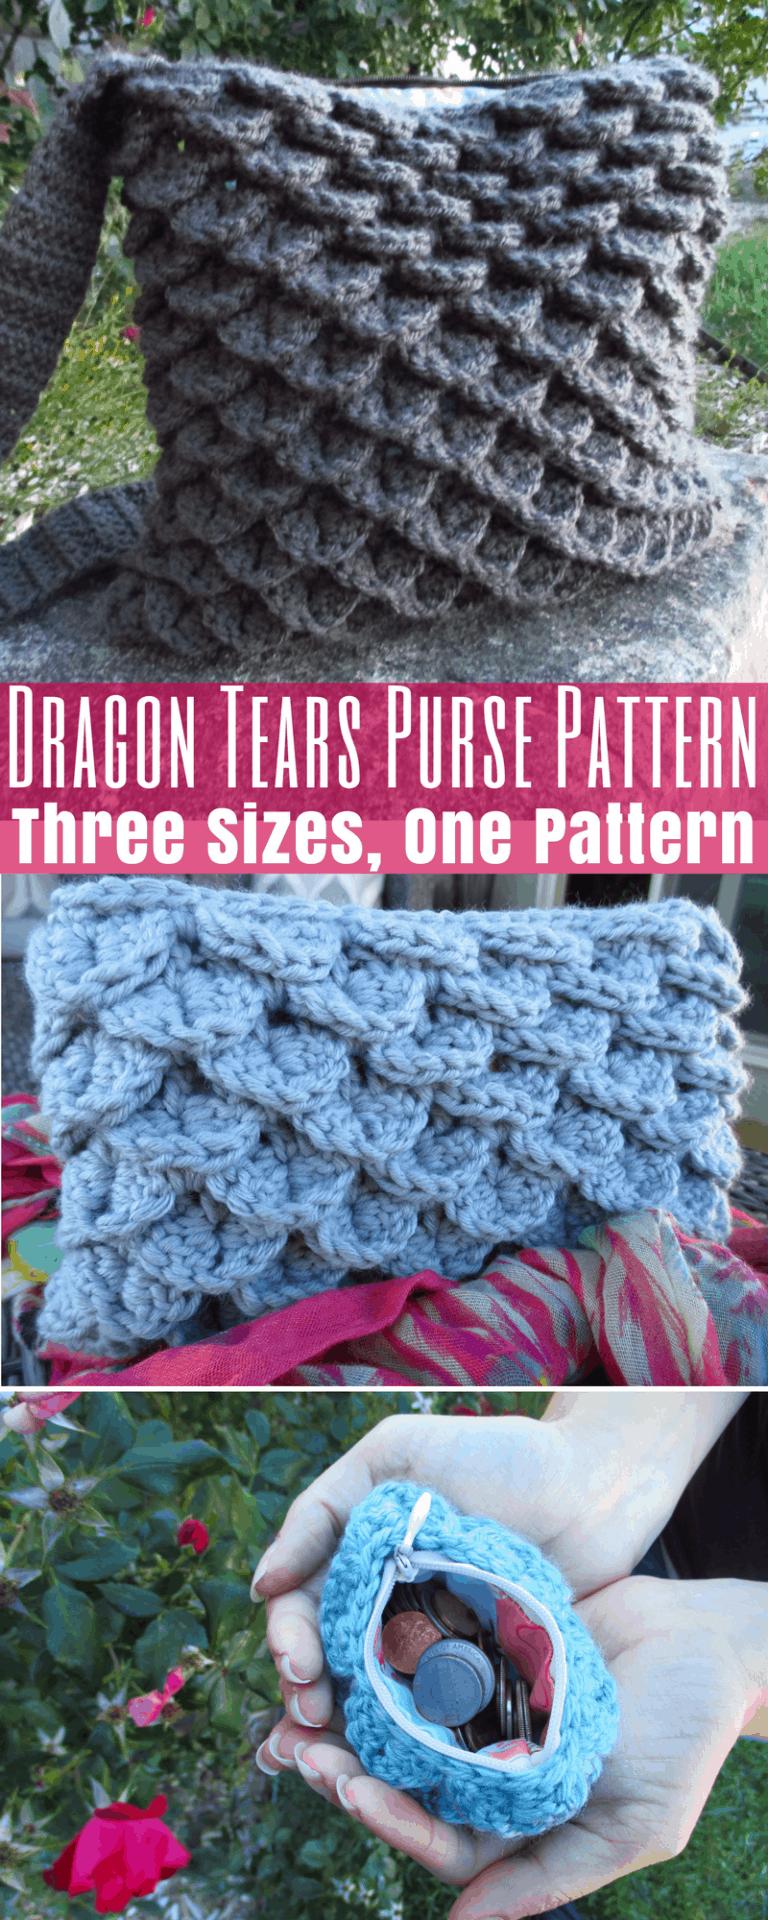 Dragon Tears 3-in-1 Purse Crochet Pattern: Coin Purse : Clutch : Full Size Purse